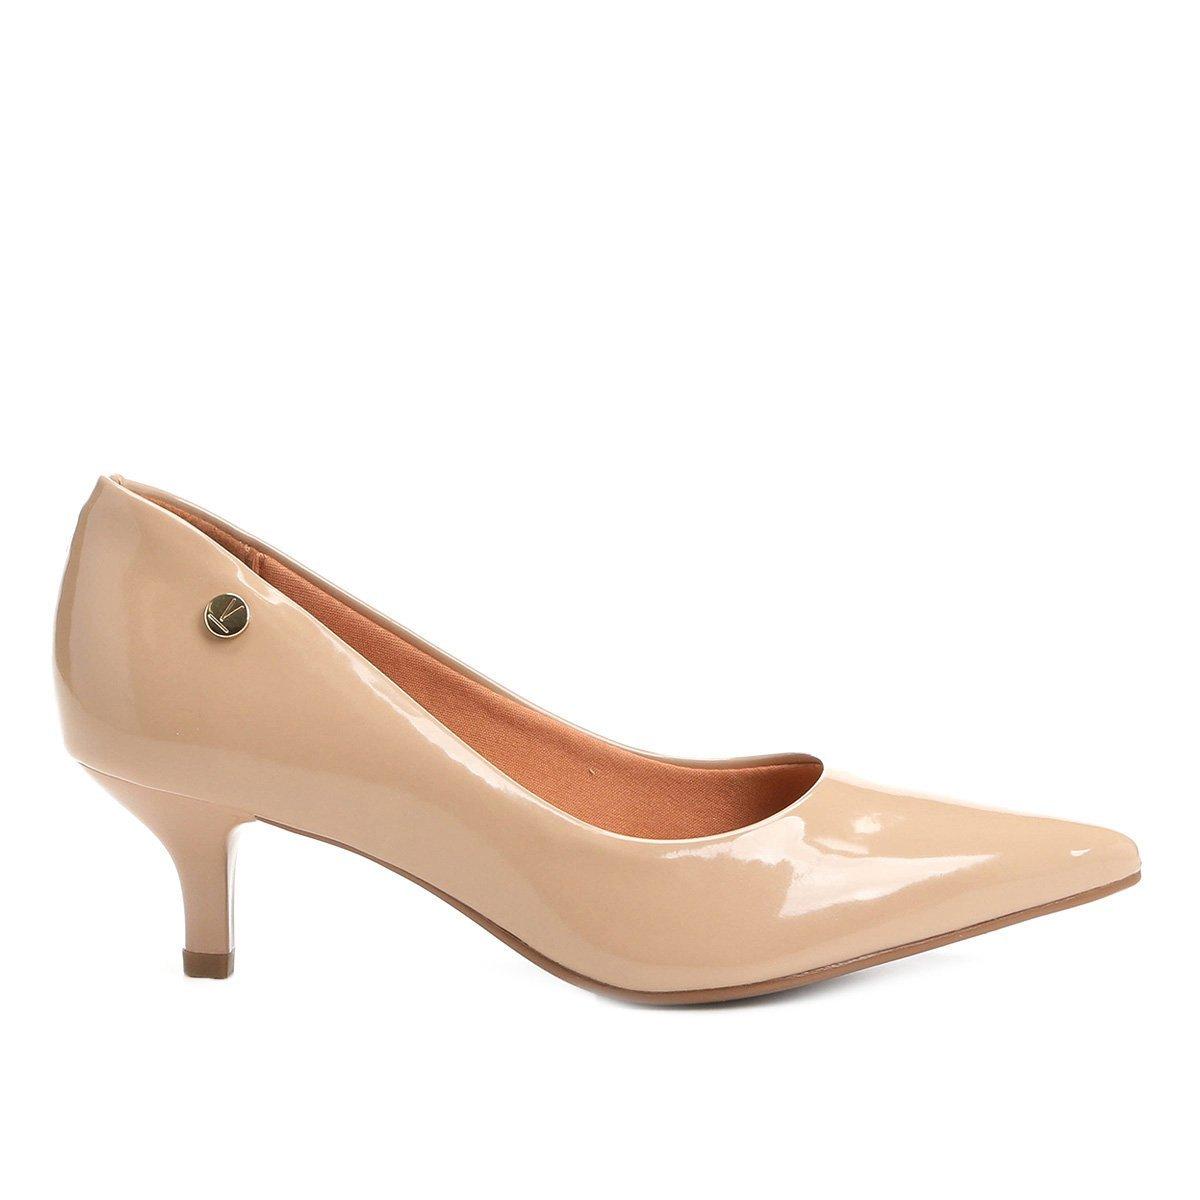 7dad1d427f Sapato Scarpin Salto Baixo Bico Fino Verniz Vizzano Bege - MM Concept